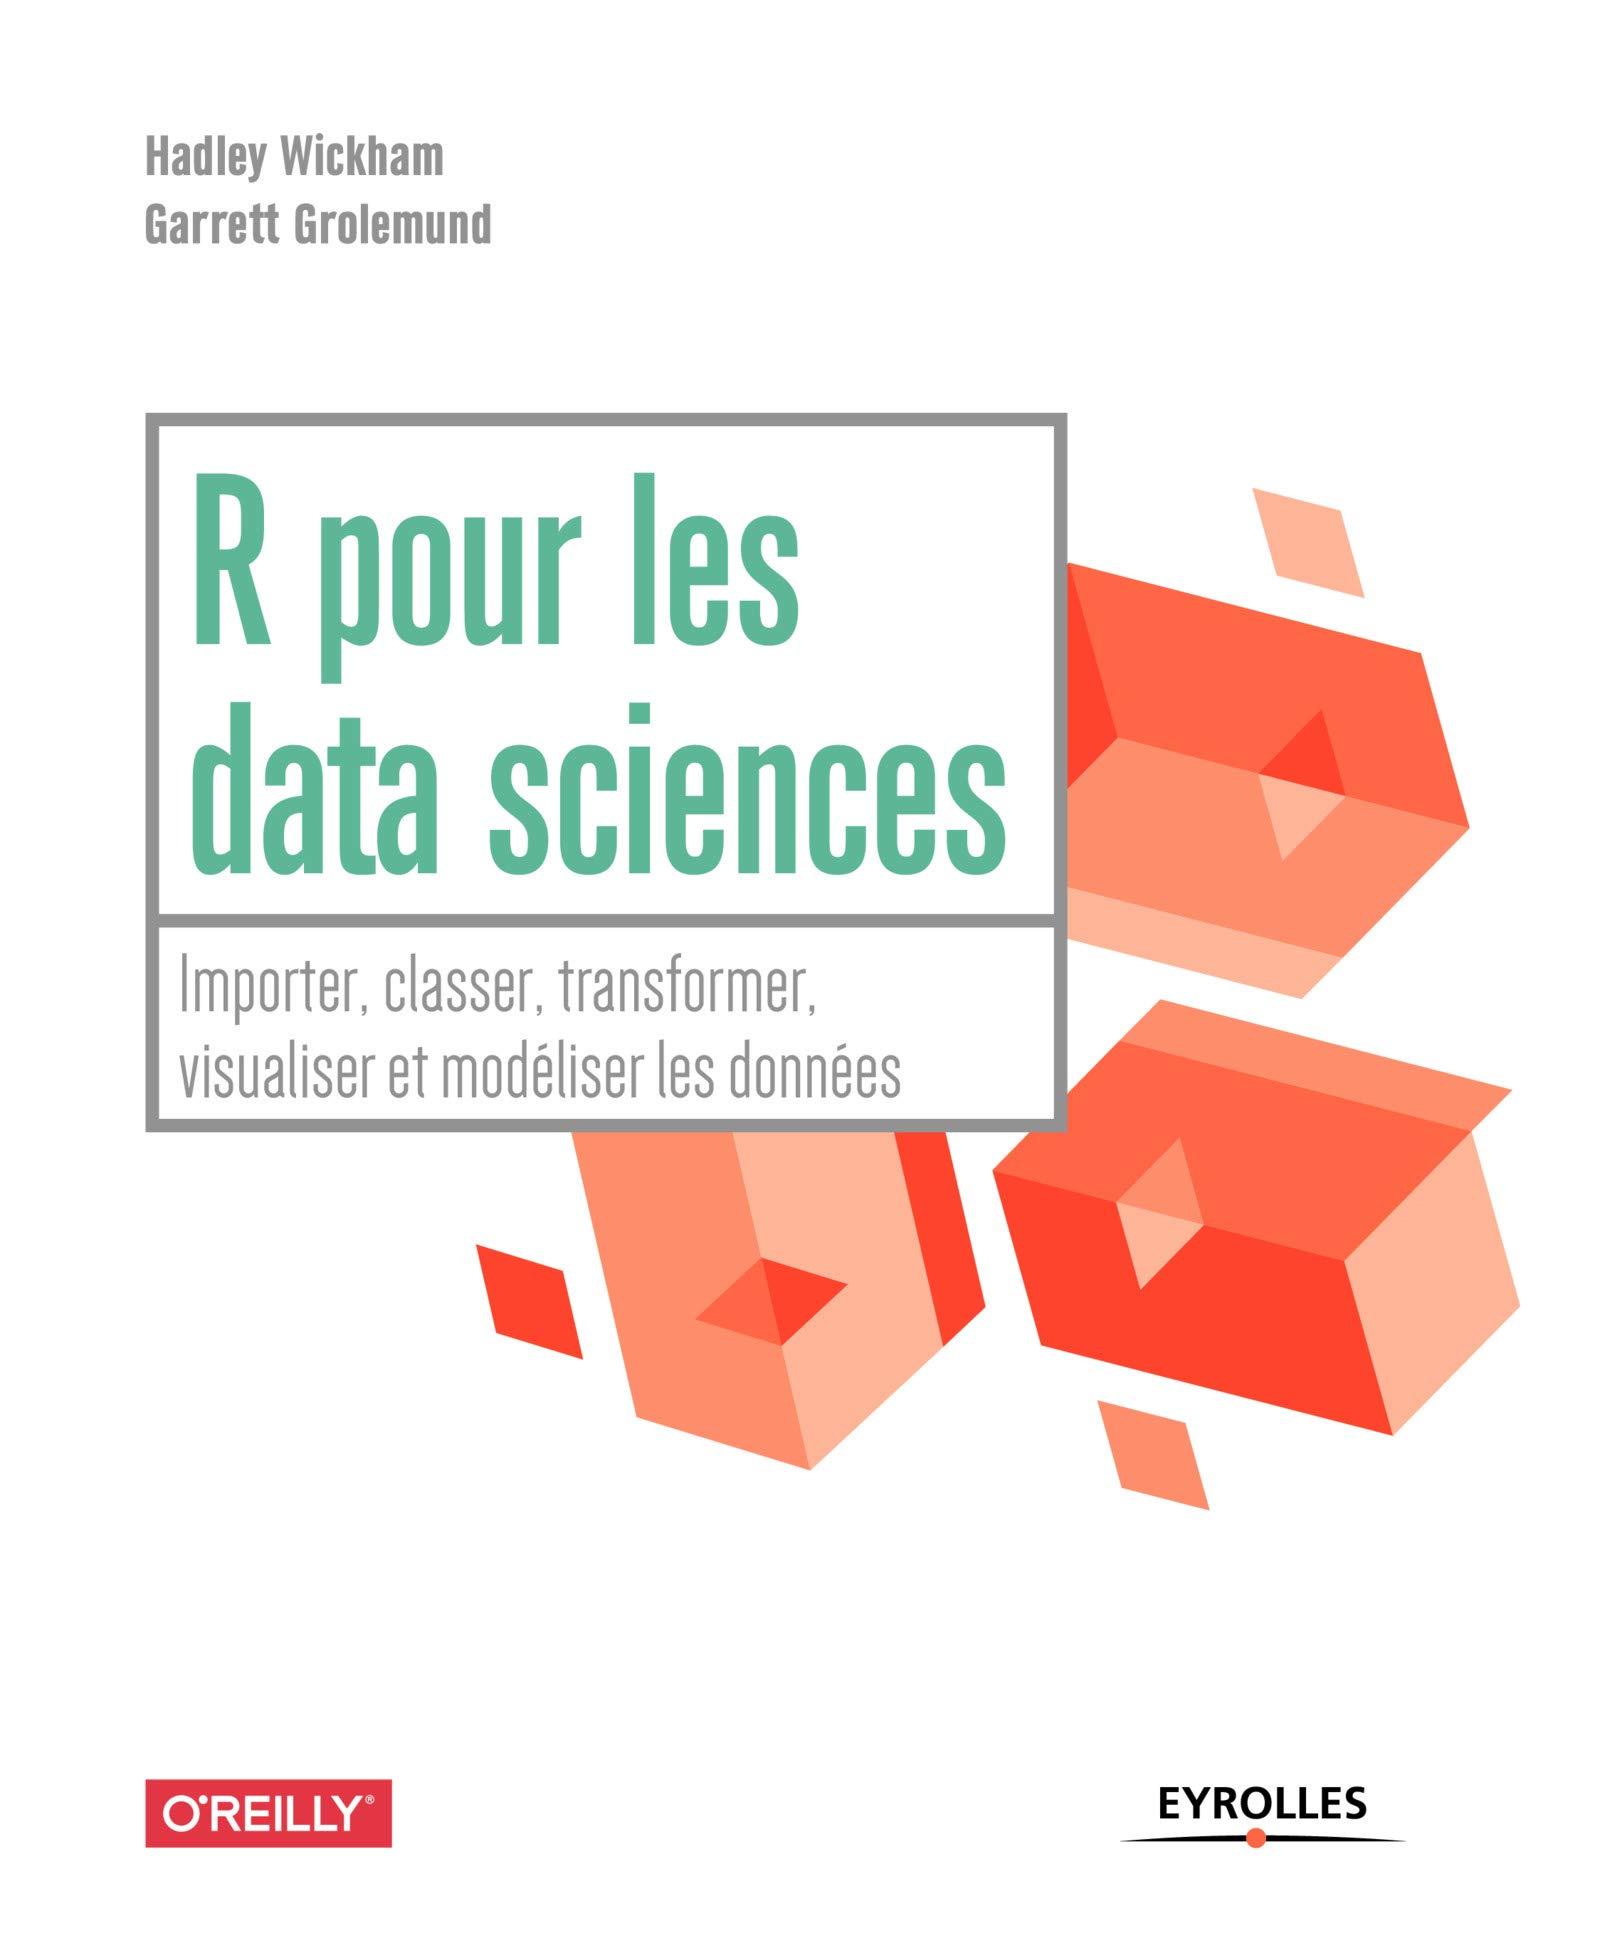 R pour les data sciences: Importer, classer, transformer, visualiser et modéliser les données Broché – 16 août 2018 Garrett Grolemund Hadley Wickham Eyrolles 2212675712